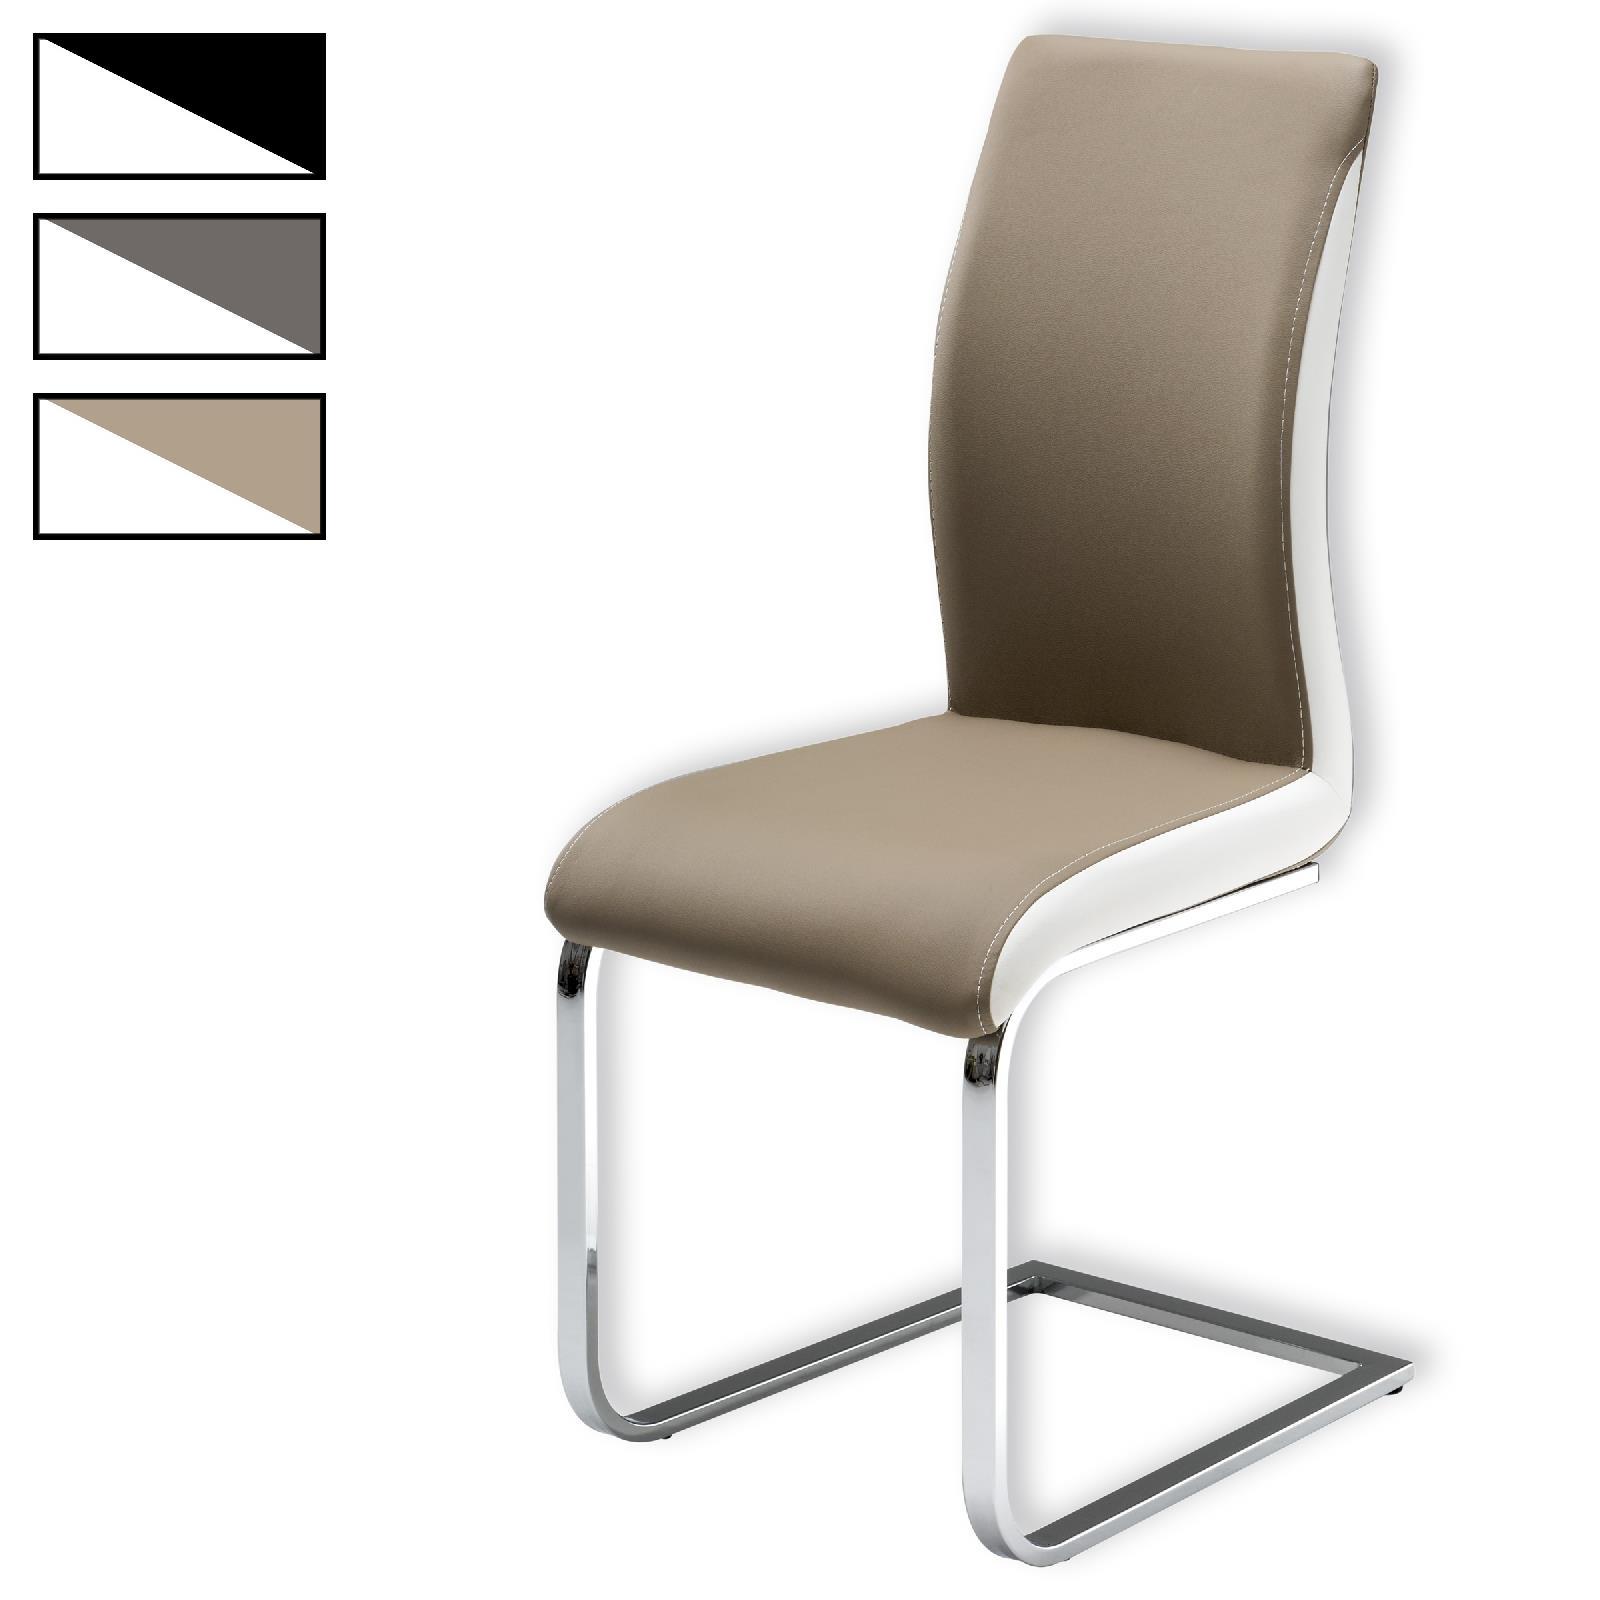 schwingstuhl im 4er set in versch farben caro m bel. Black Bedroom Furniture Sets. Home Design Ideas